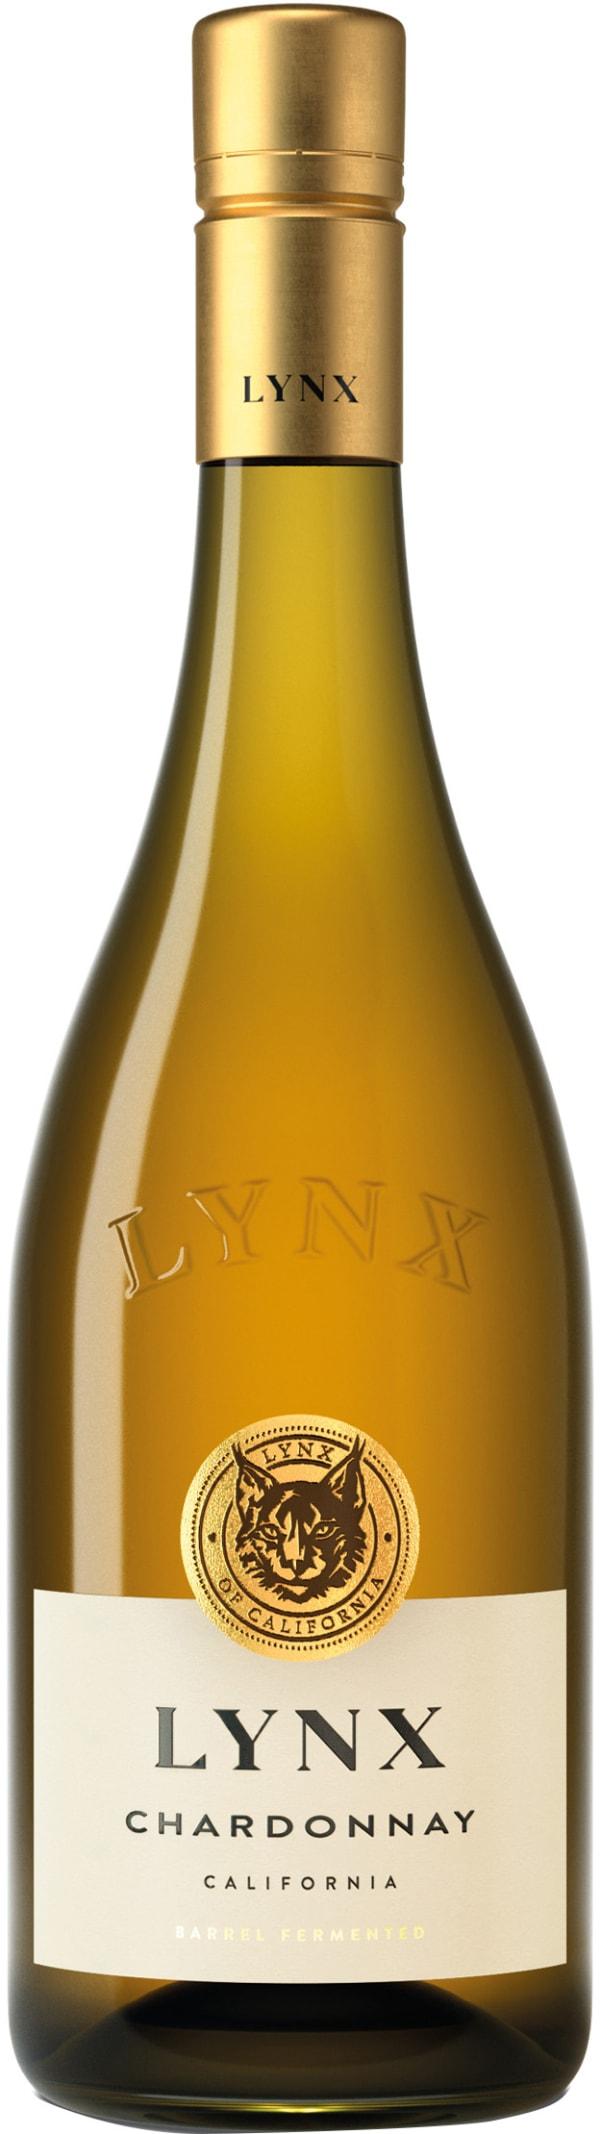 Lynx Barrel Fermented Chardonnay 2019